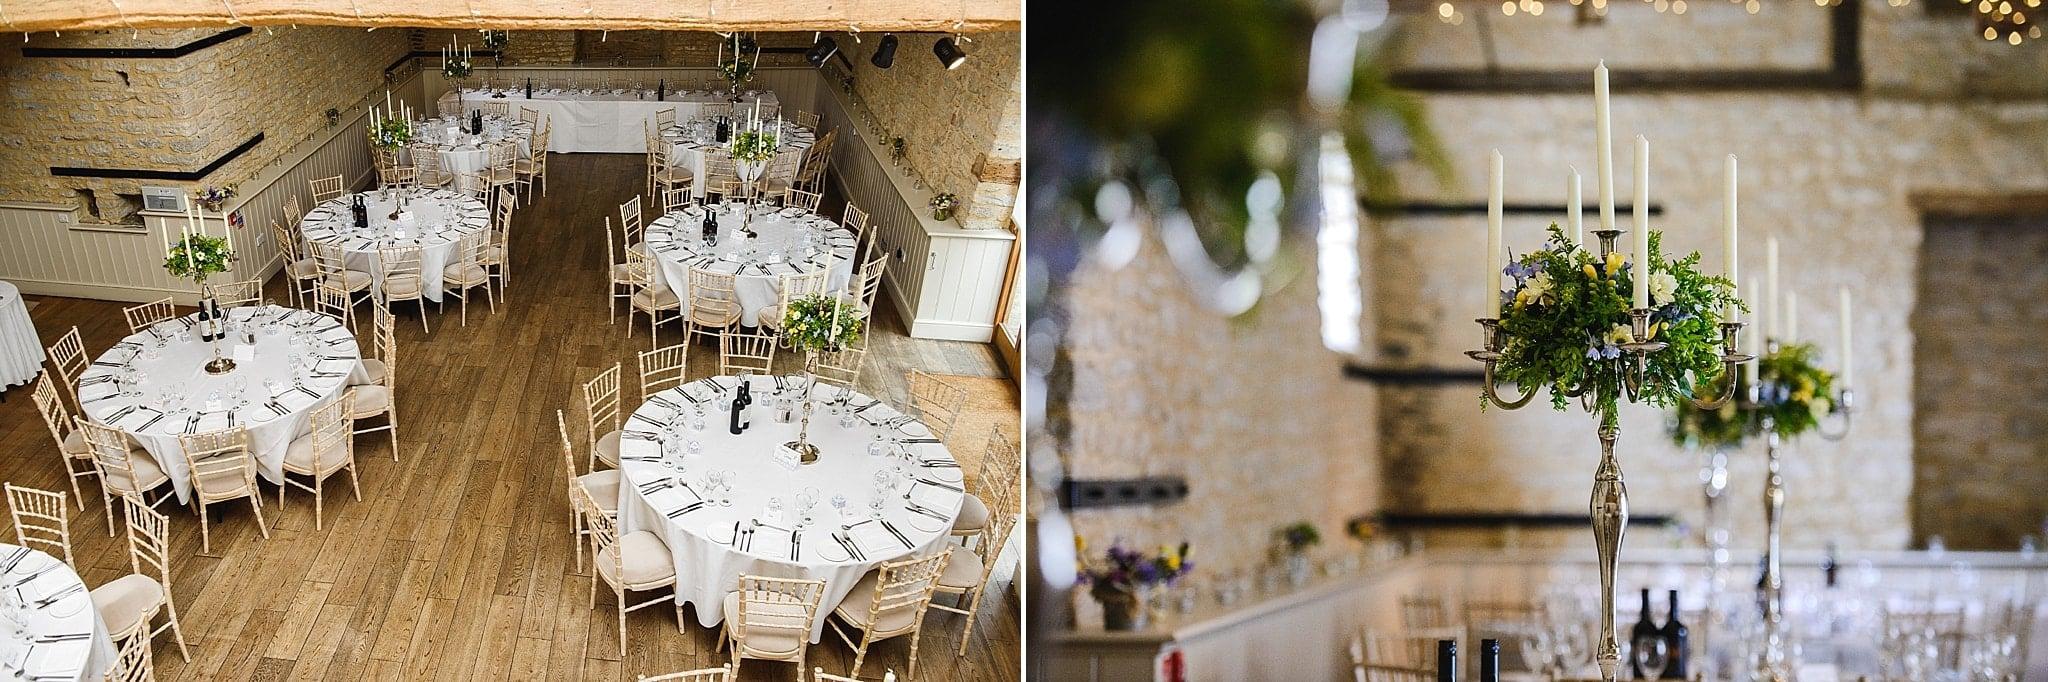 Wedding tables dressed for a wedding at Wick Farm, Bath